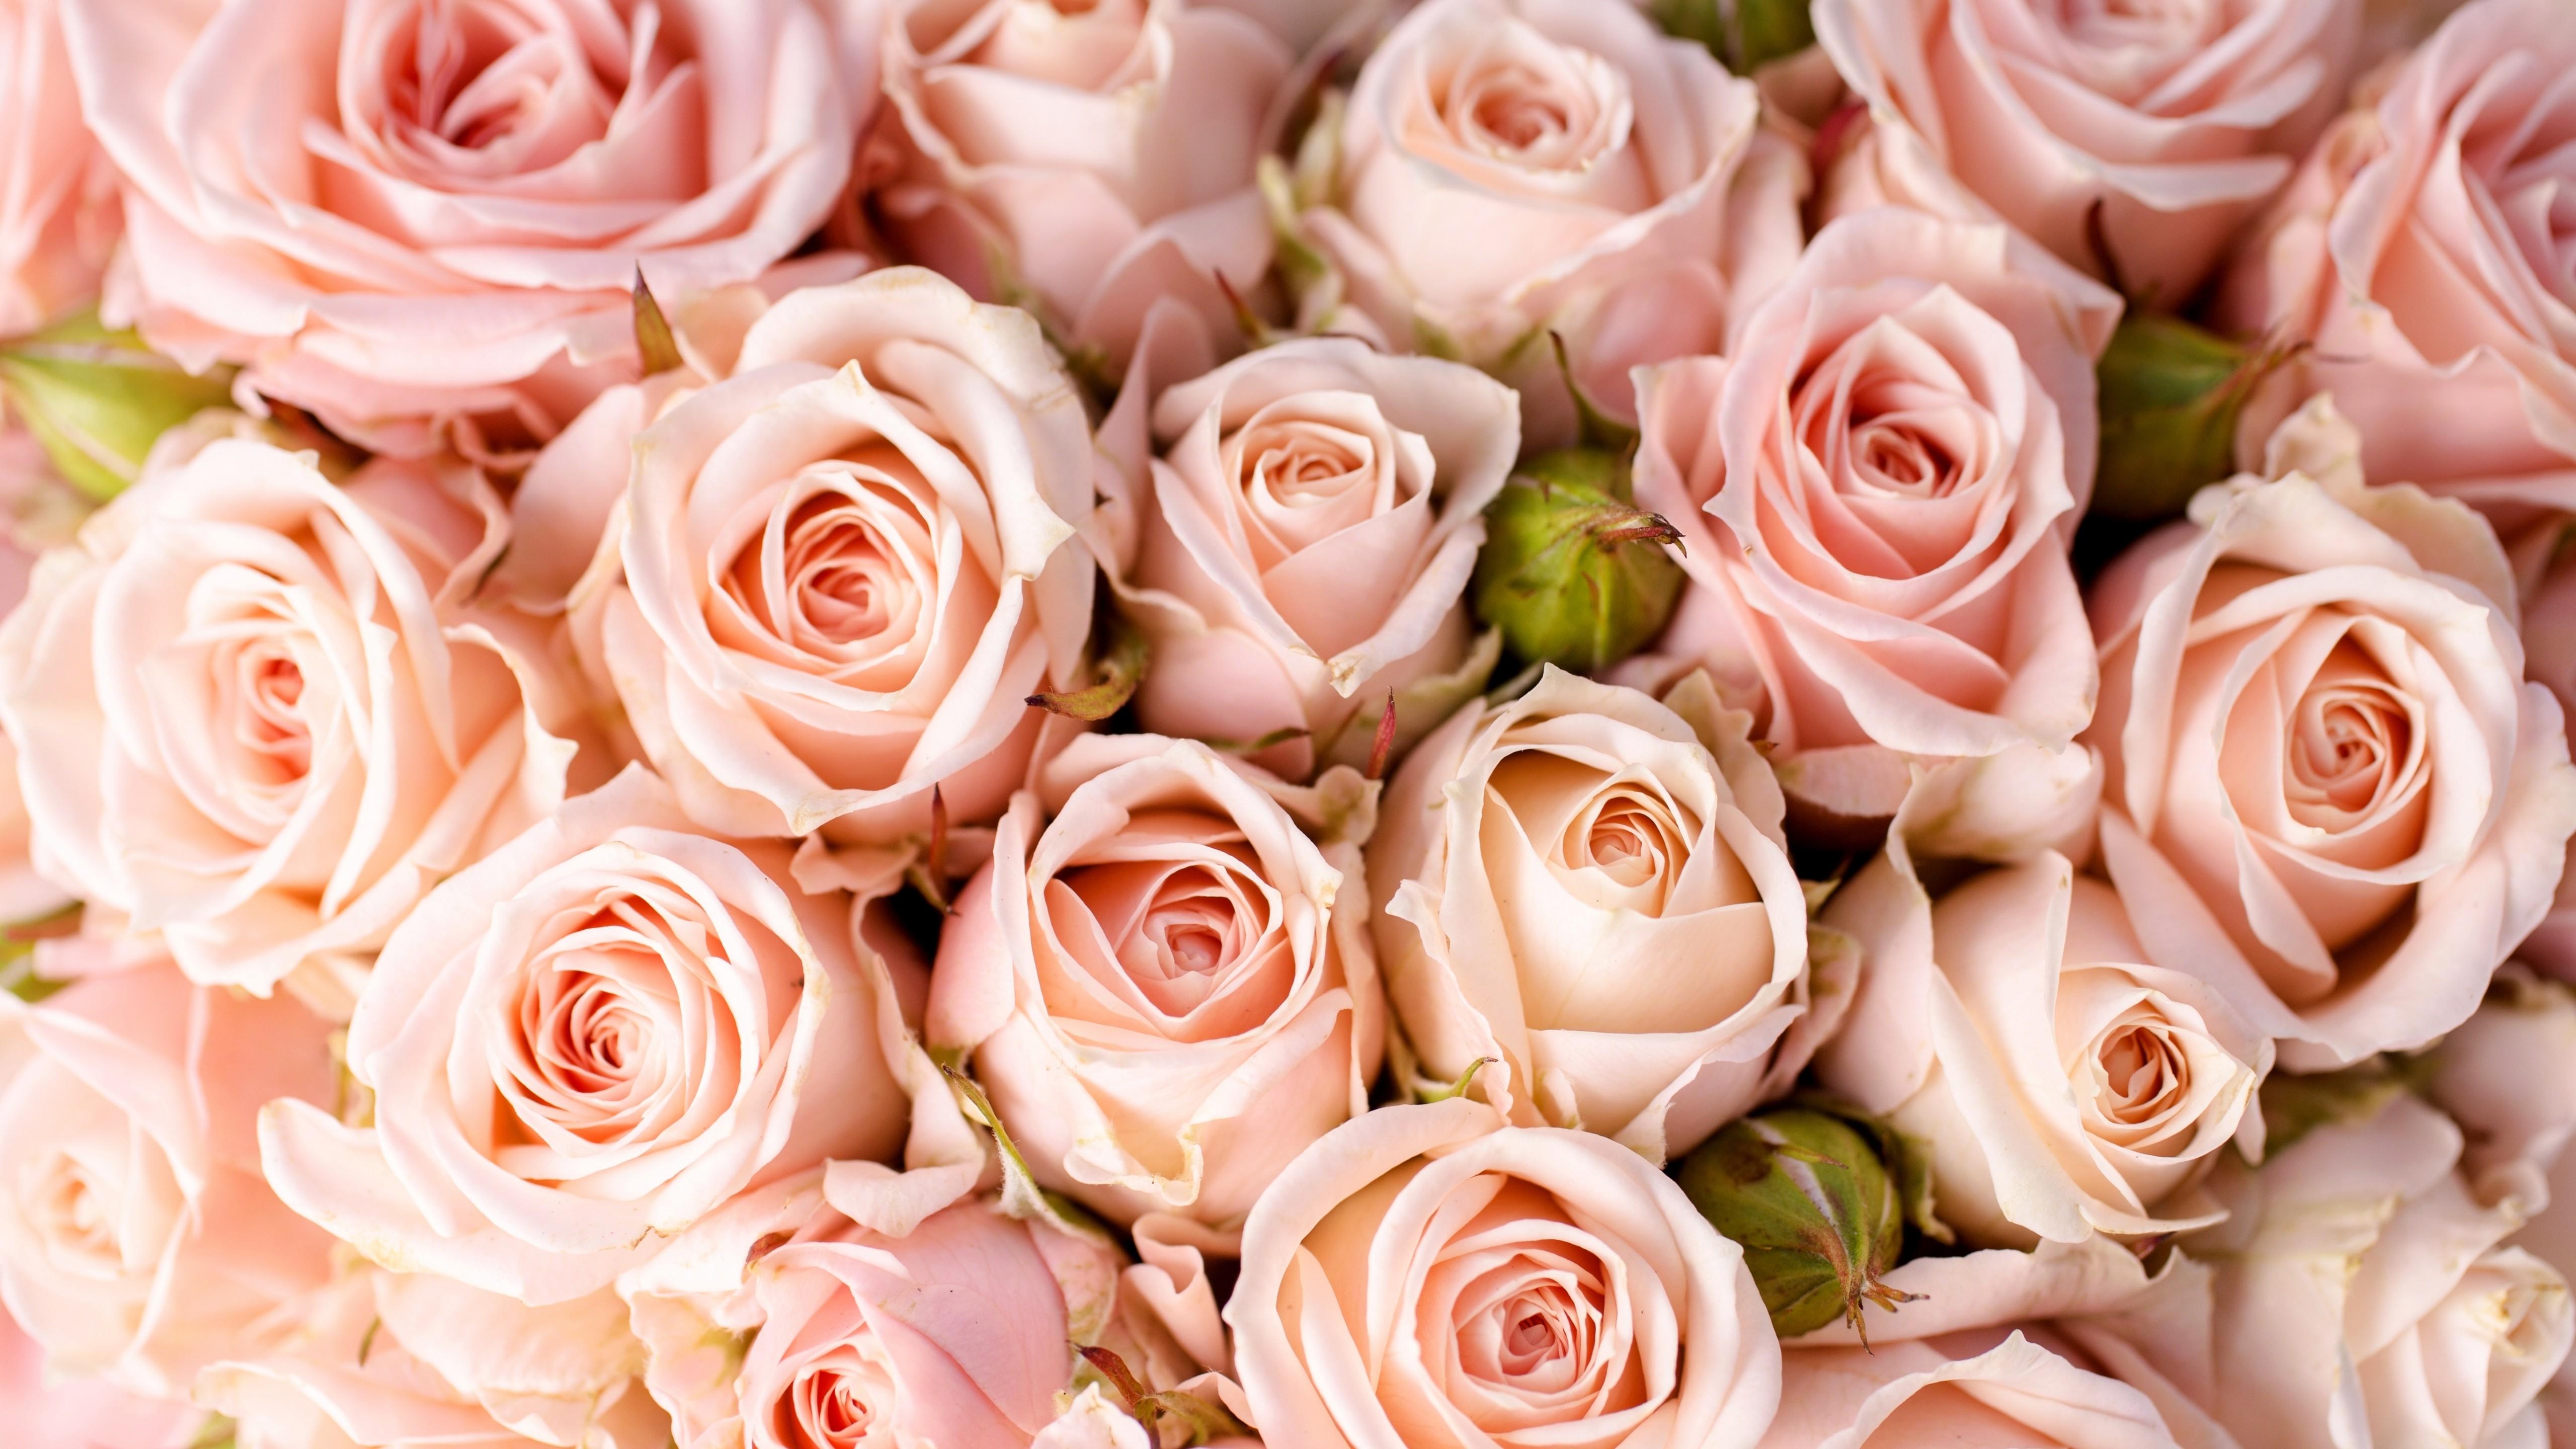 исчезли красивые картинки розы фотообои для рабочего стола страшно, что жизнь